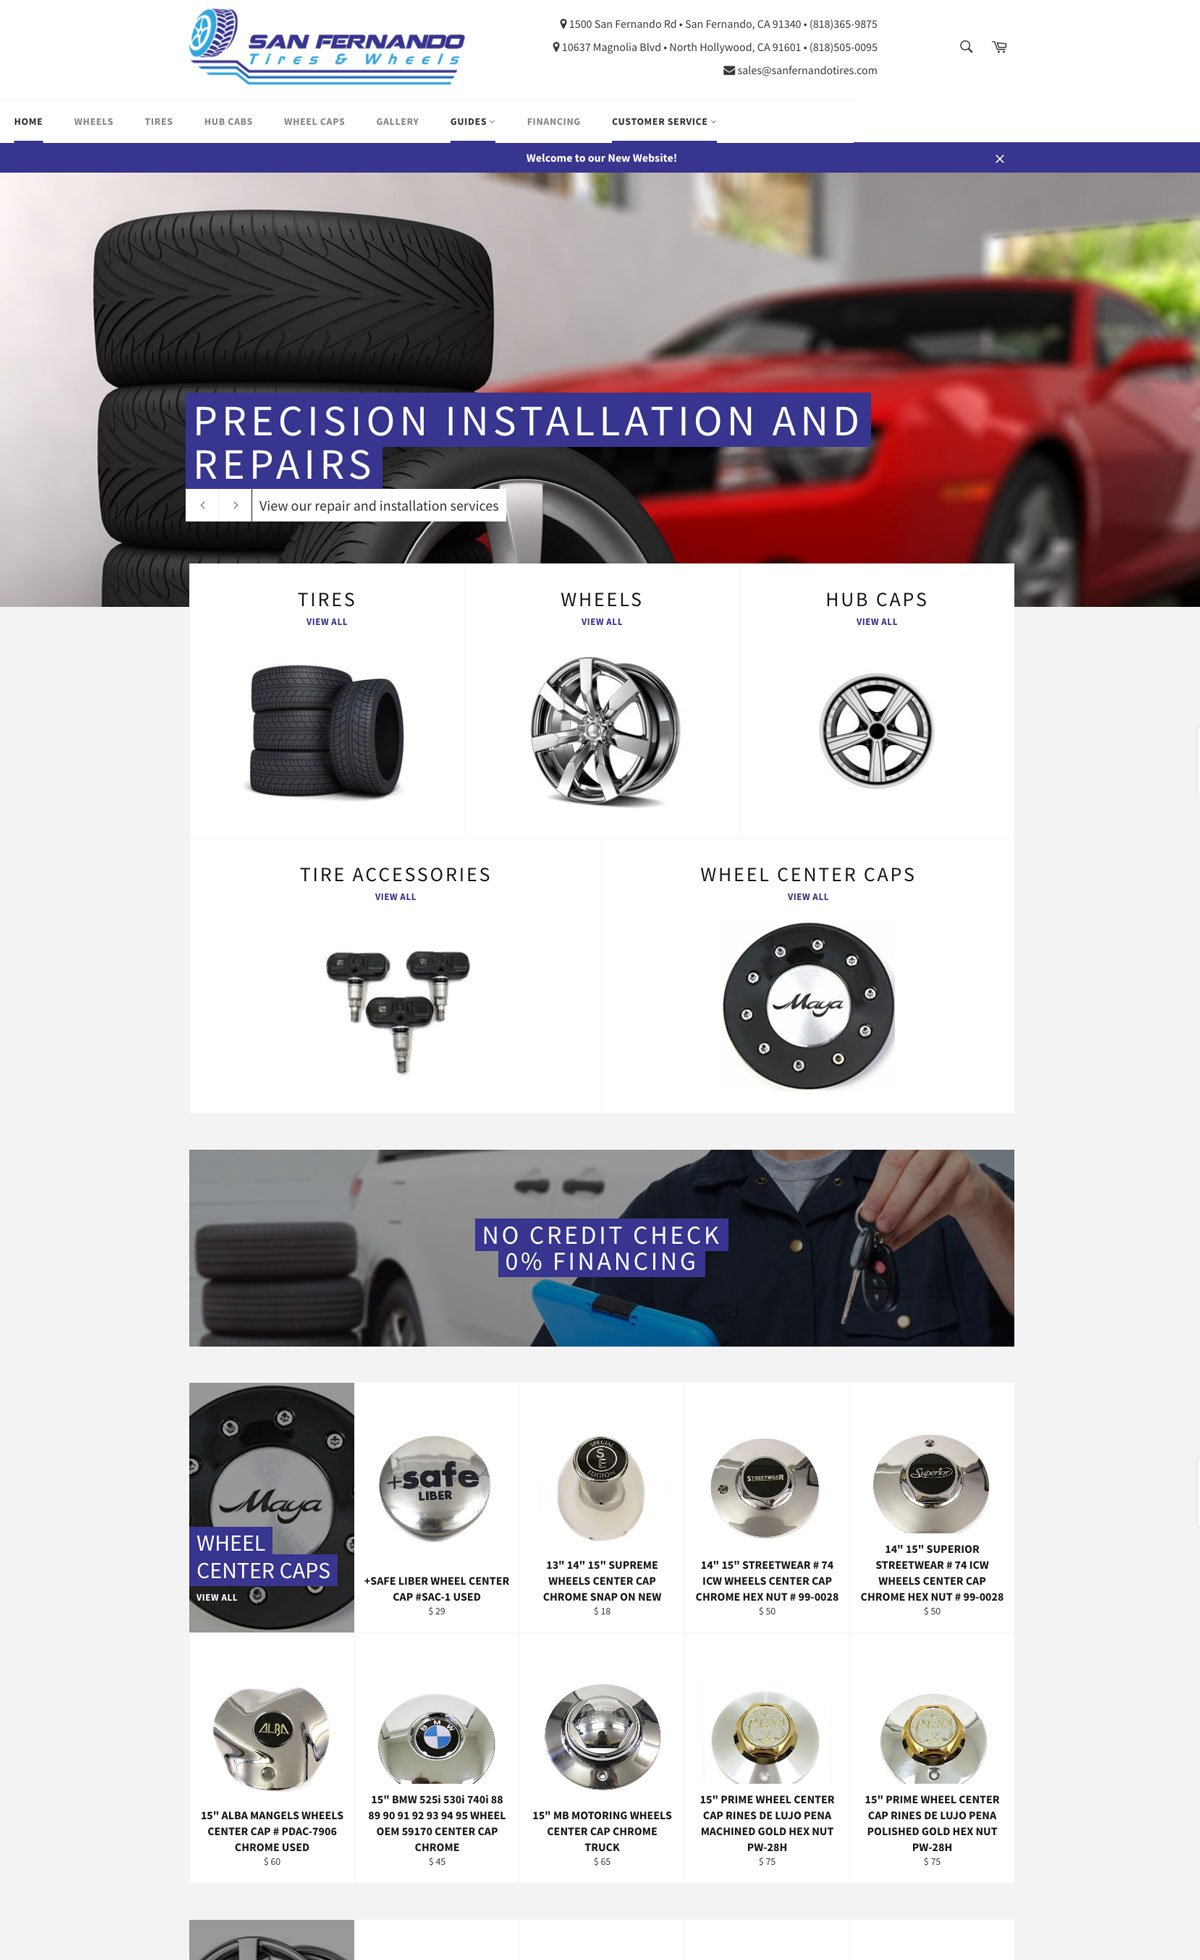 San Fernando Tires & Wheels